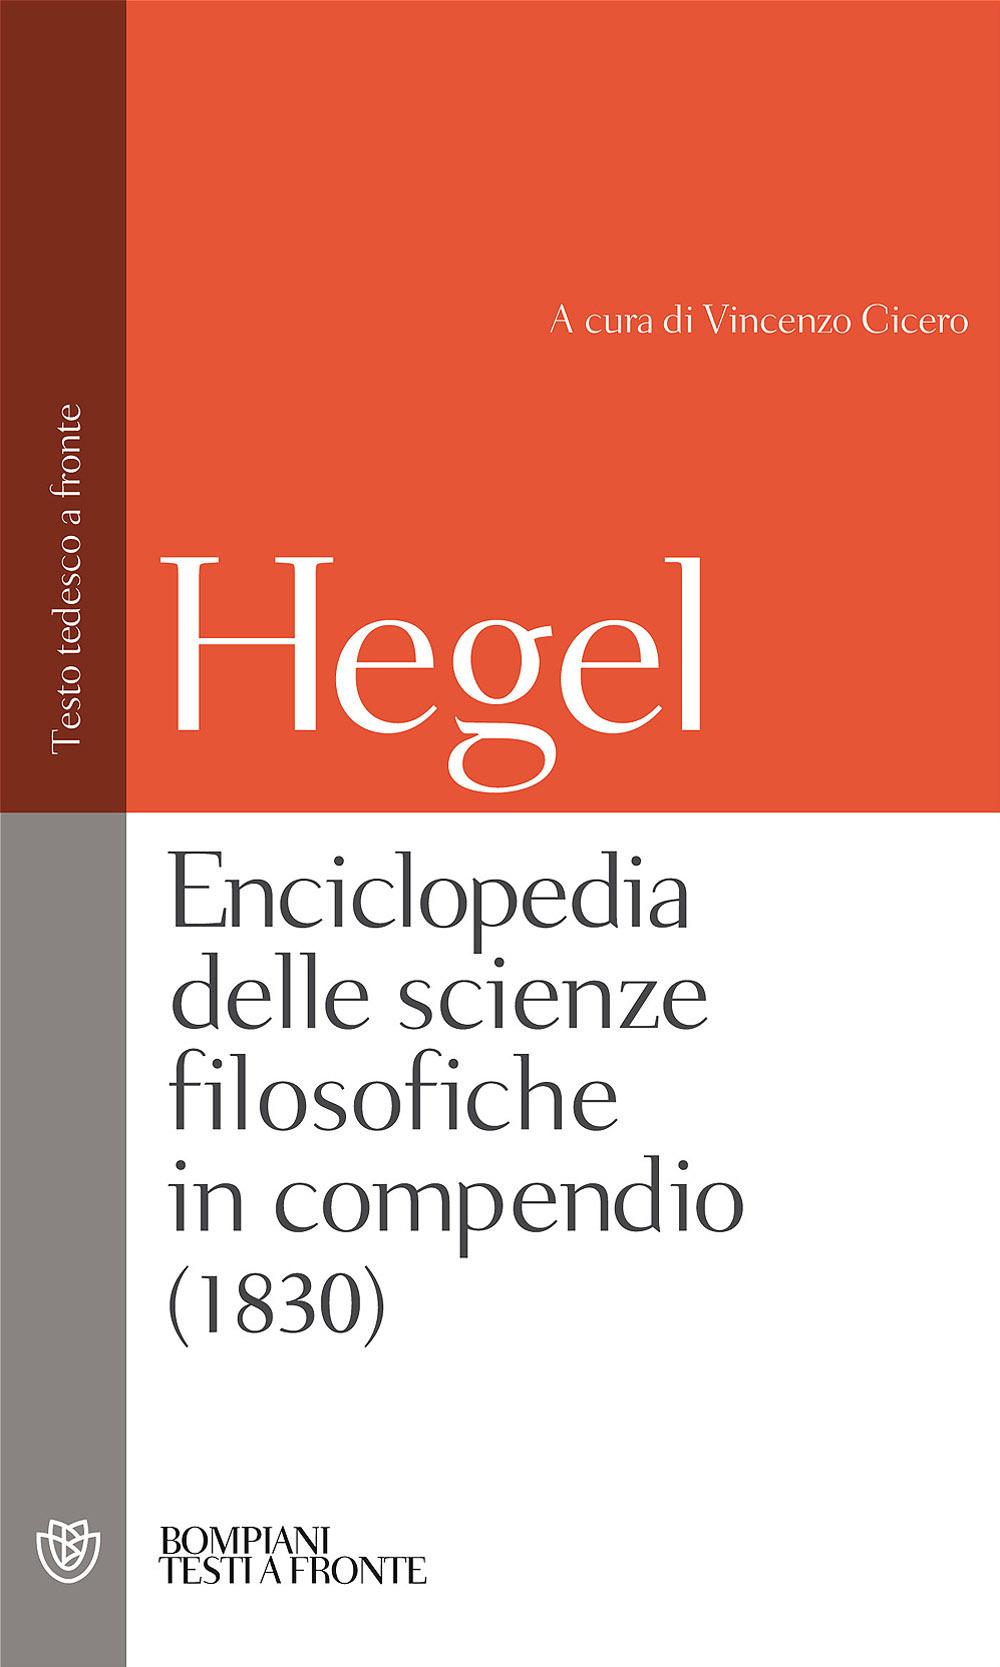 Enciclopedia delle scienze filosofiche in compendio (1830)